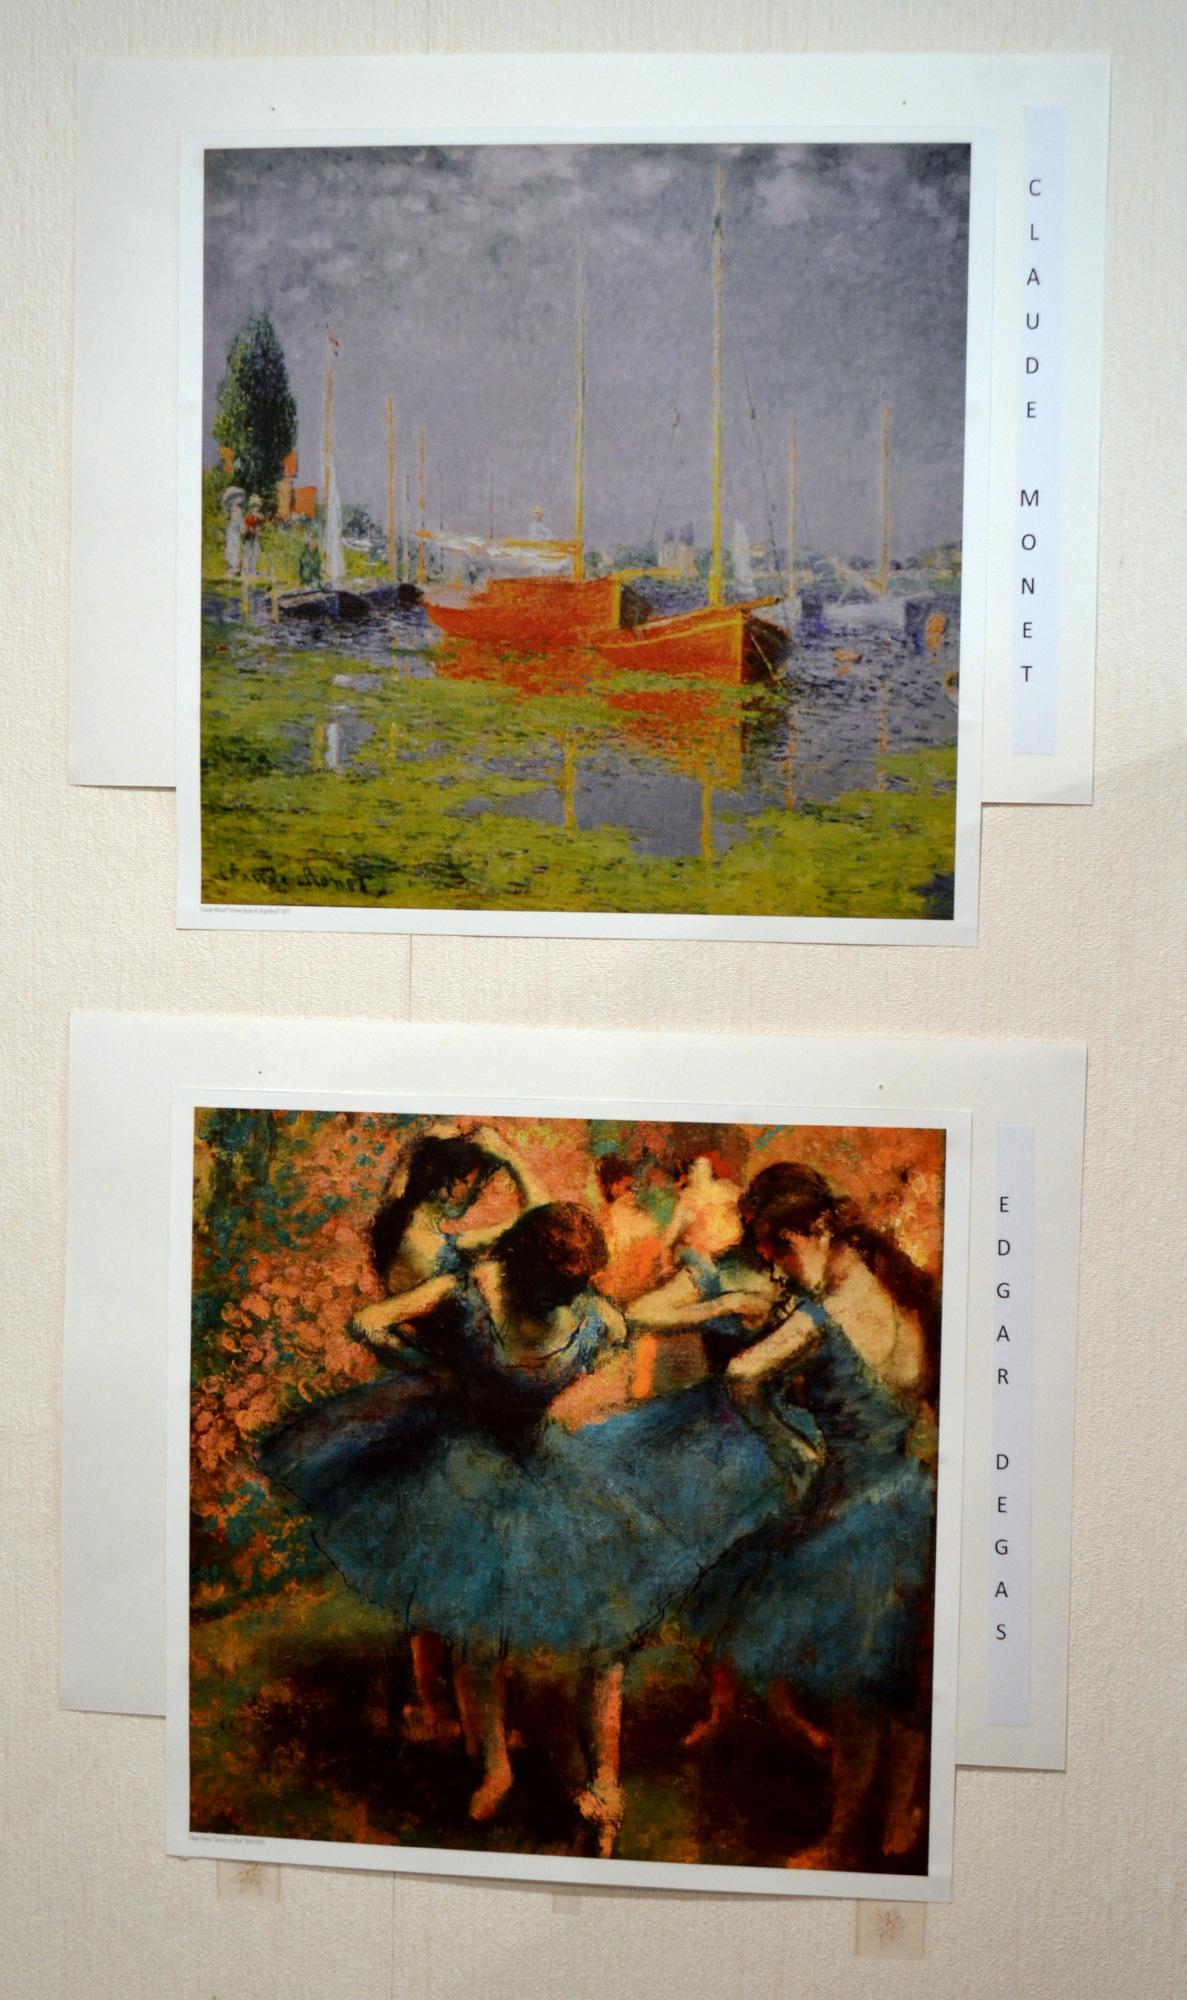 (Eesti) Tuntumad impressionismi esindajad